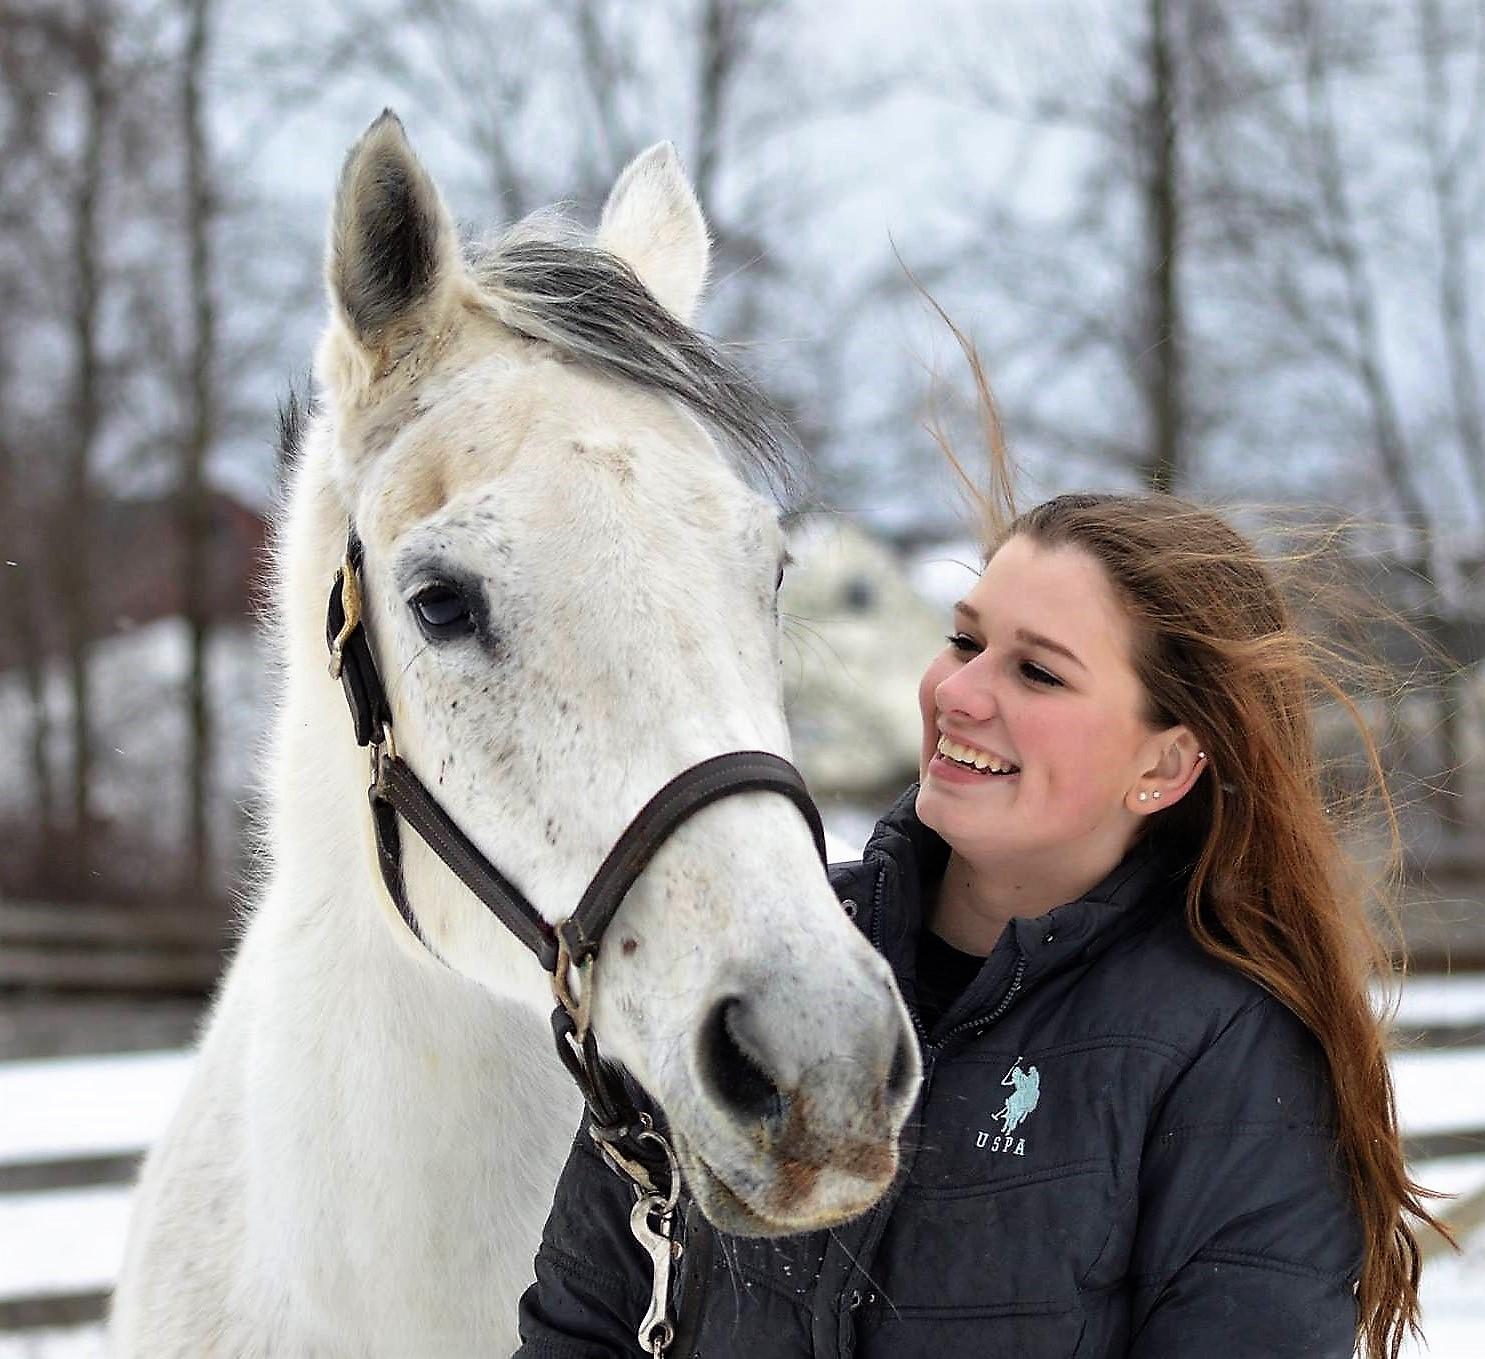 Sponsor A Rescue Horse